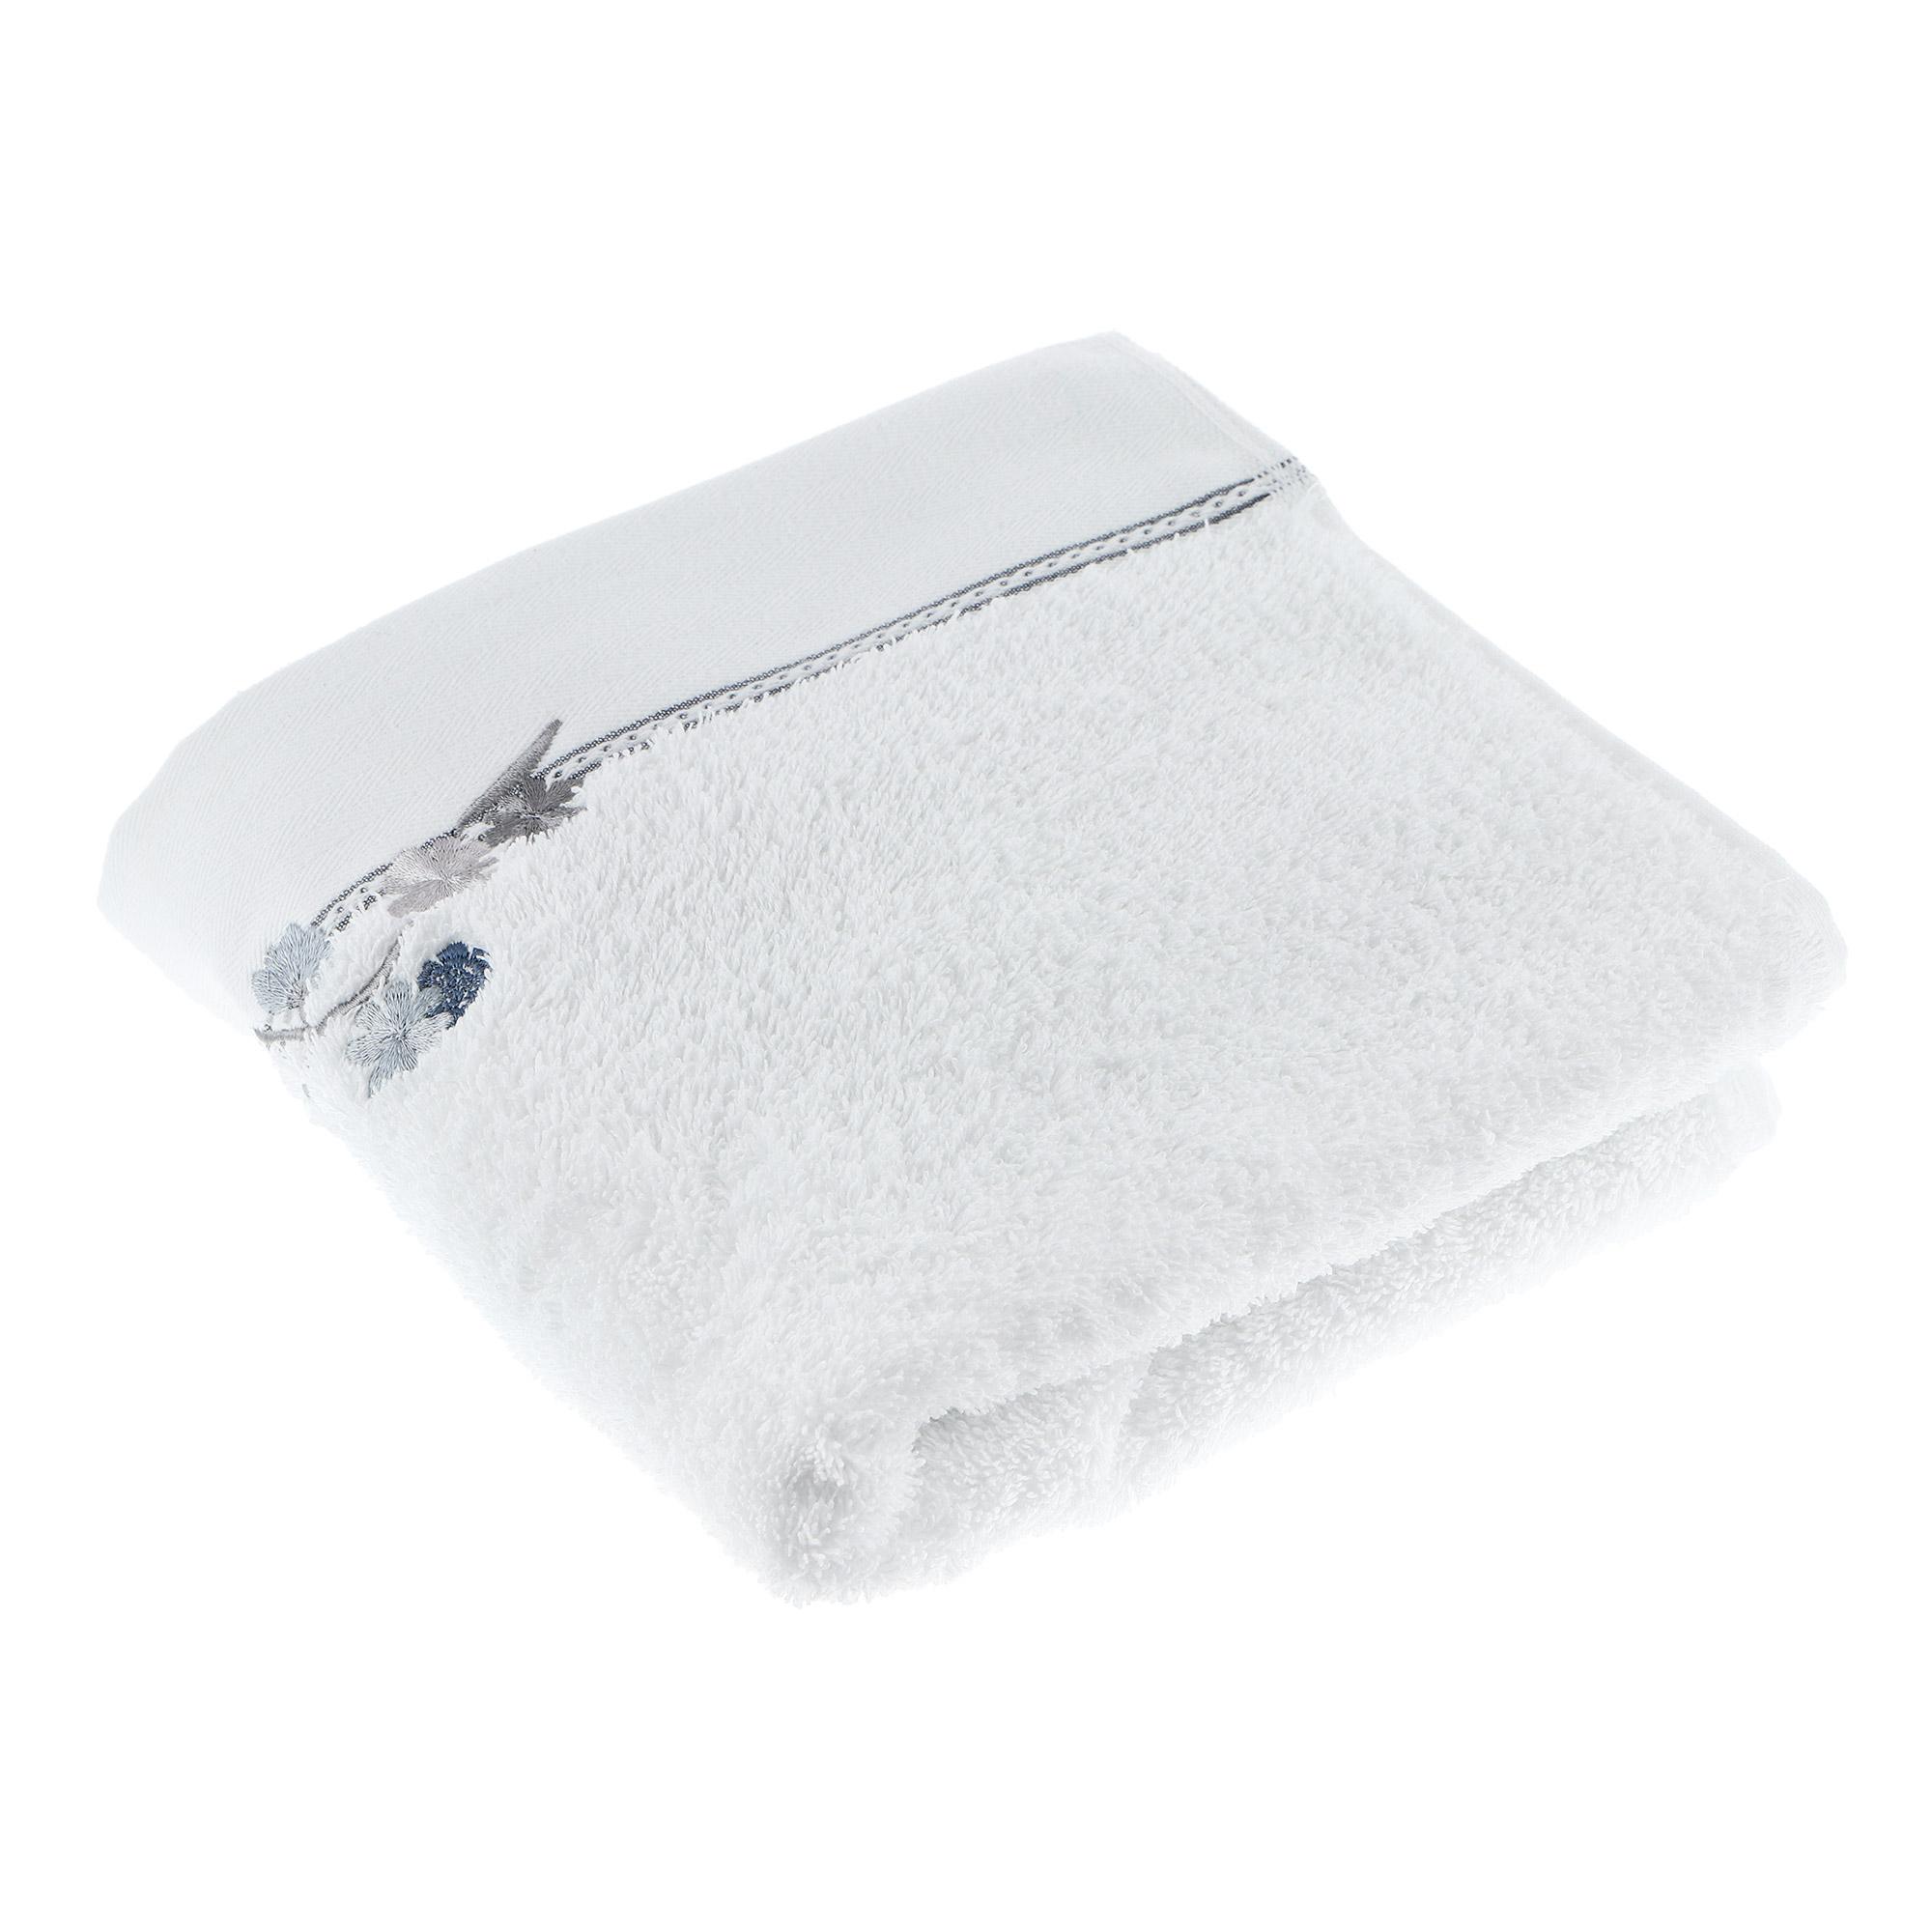 Полотенце махровое Asil lux chicory 50x100 полотенце двухстороннее 50x100 asil powder